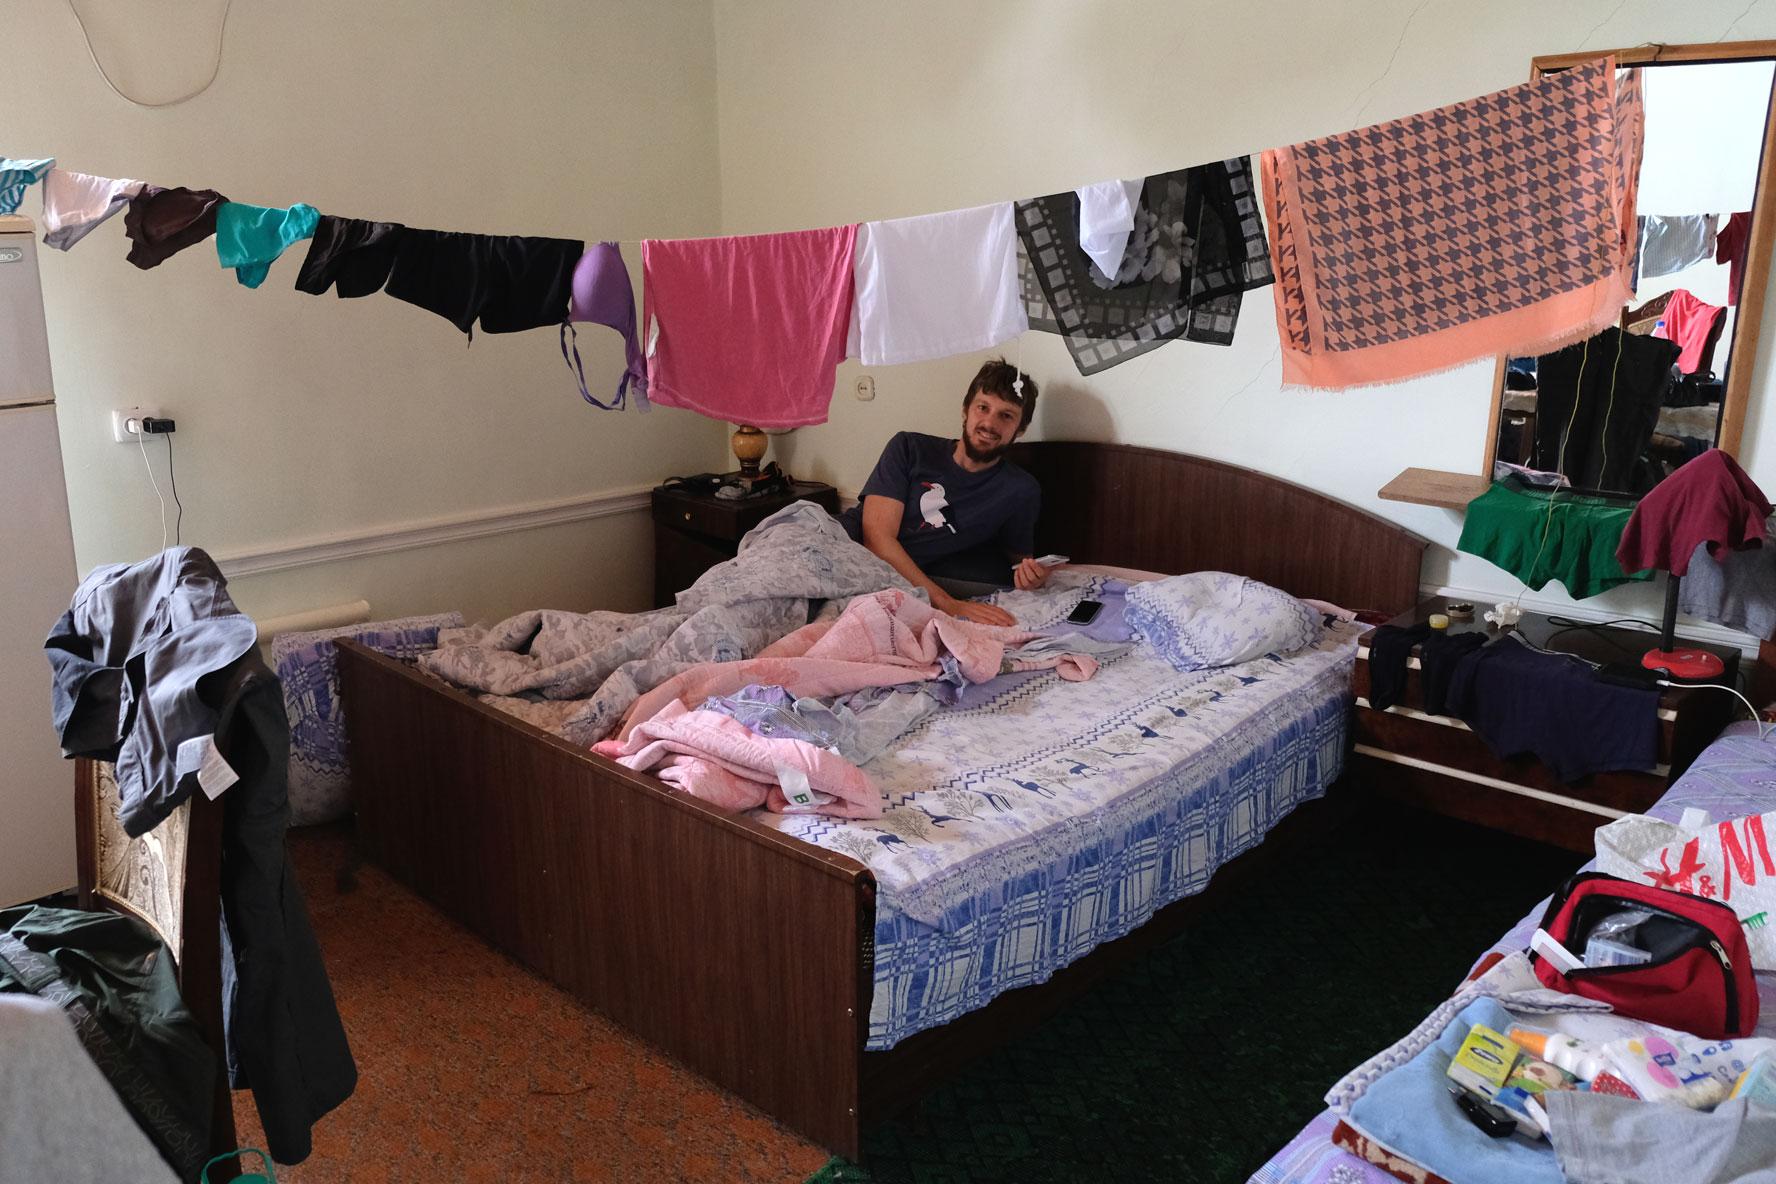 Sebastian liegt in einem Bett. Eine Wäscheleine ist durch das Zimmer gespannt.